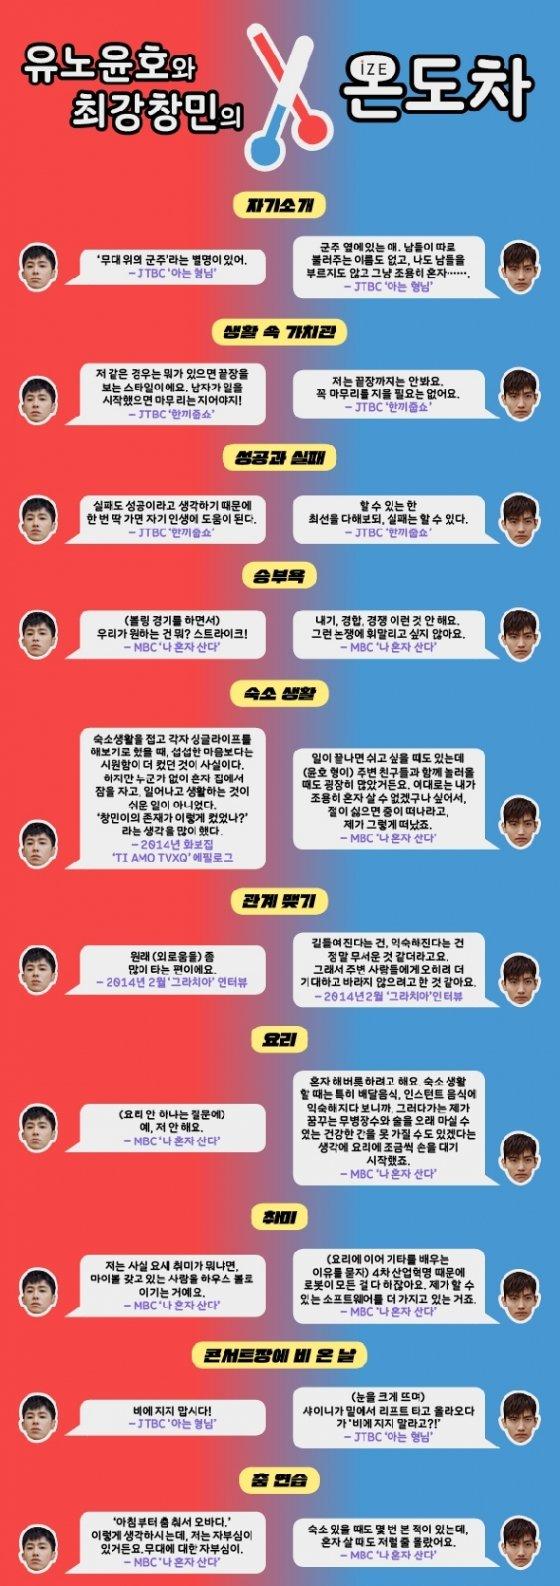 동방신기│② 유노윤호와 최강창민의 온도차